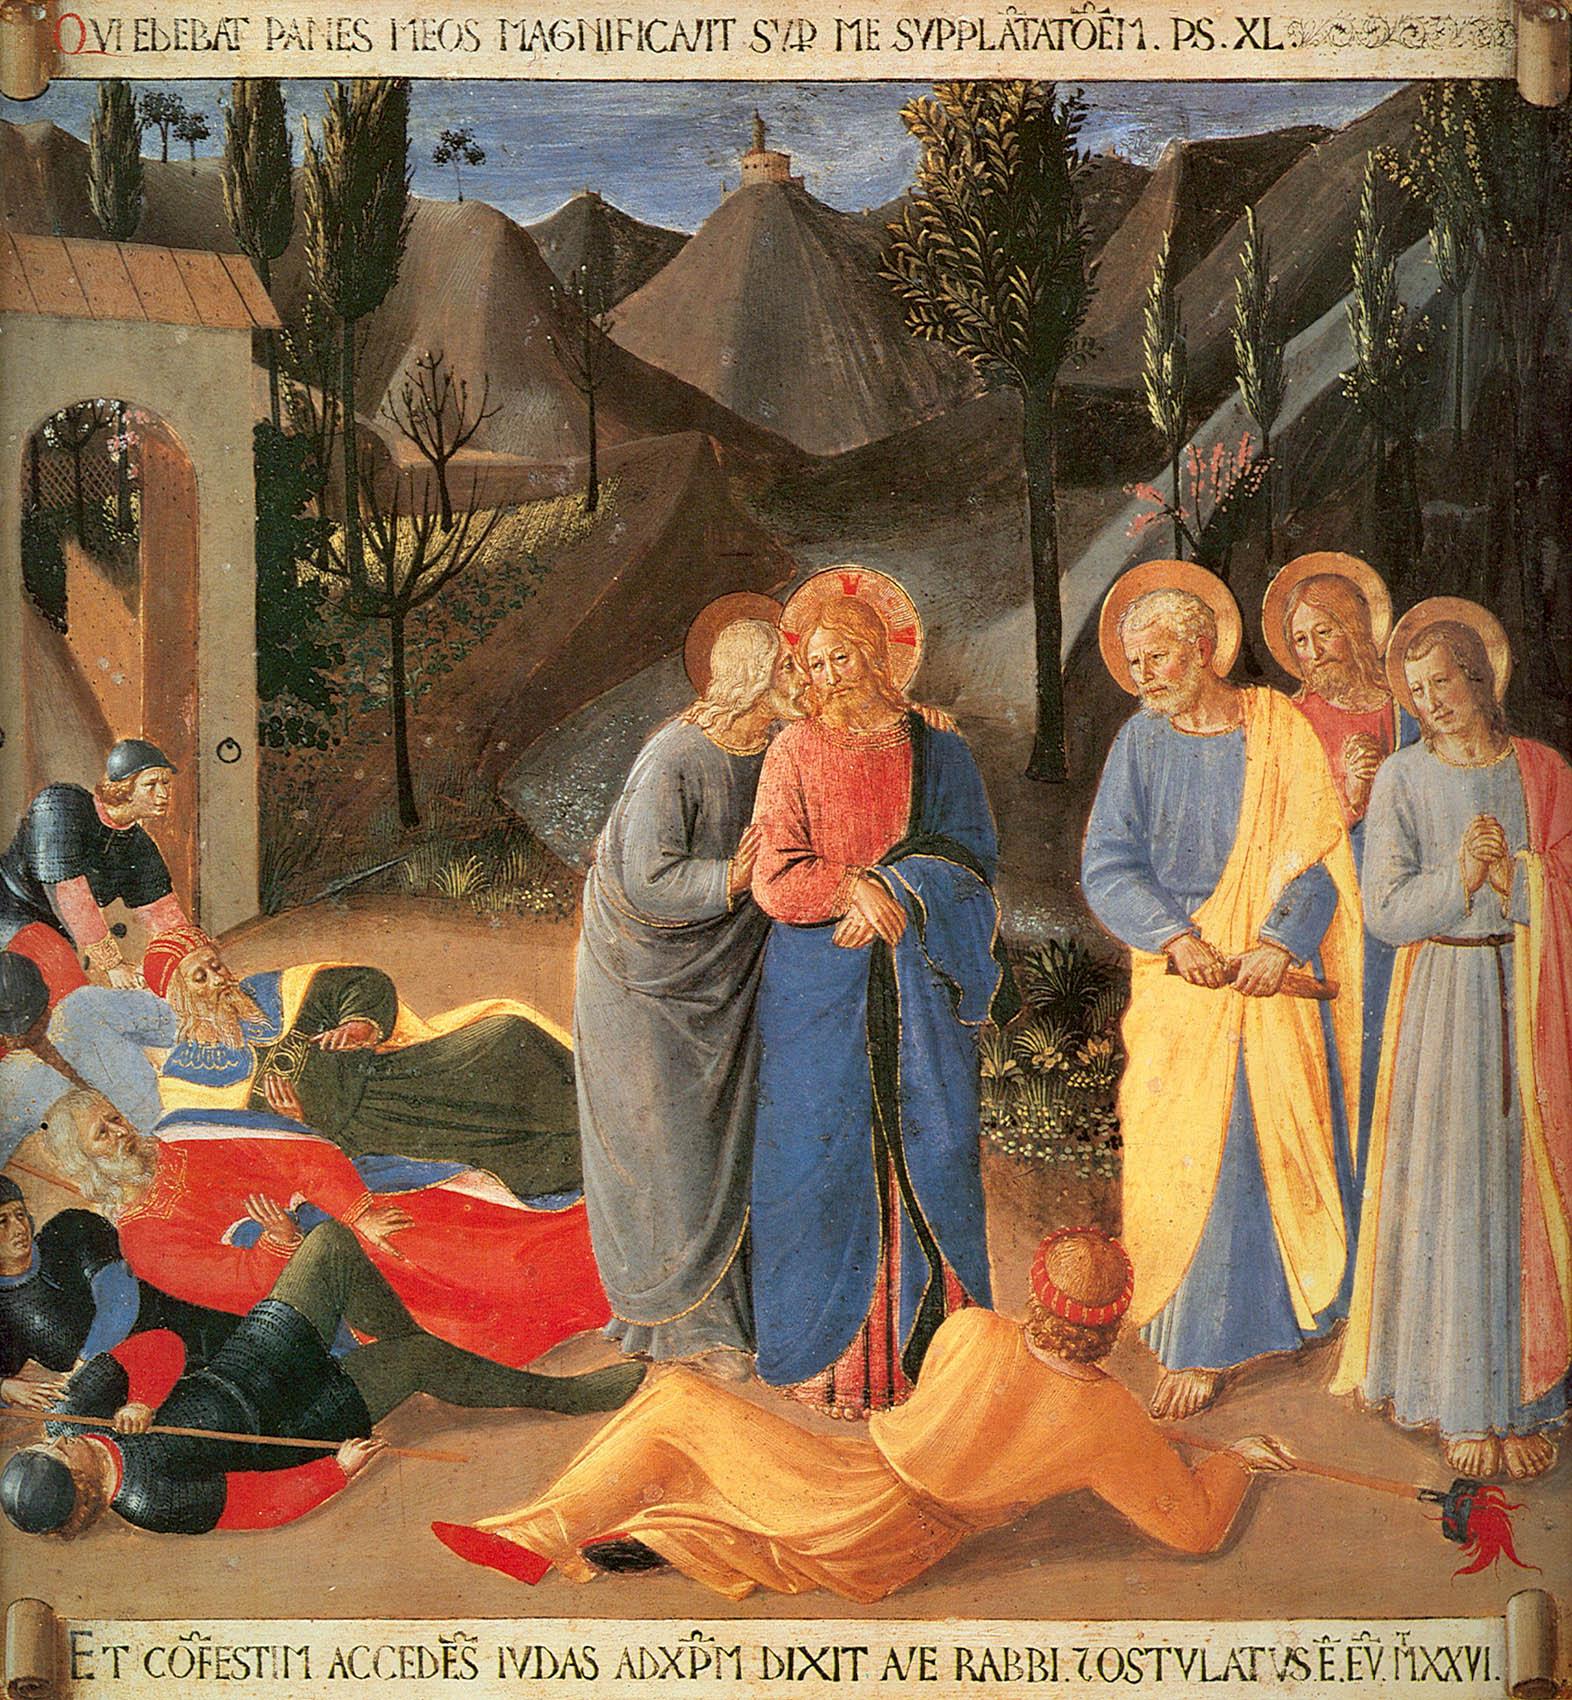 Поцелуй Иуды. Фра Беато Анжелико. Армадио дельи Ардженти. Монастырь Сан Марко, Флоренция. Фреска. 1450 г.